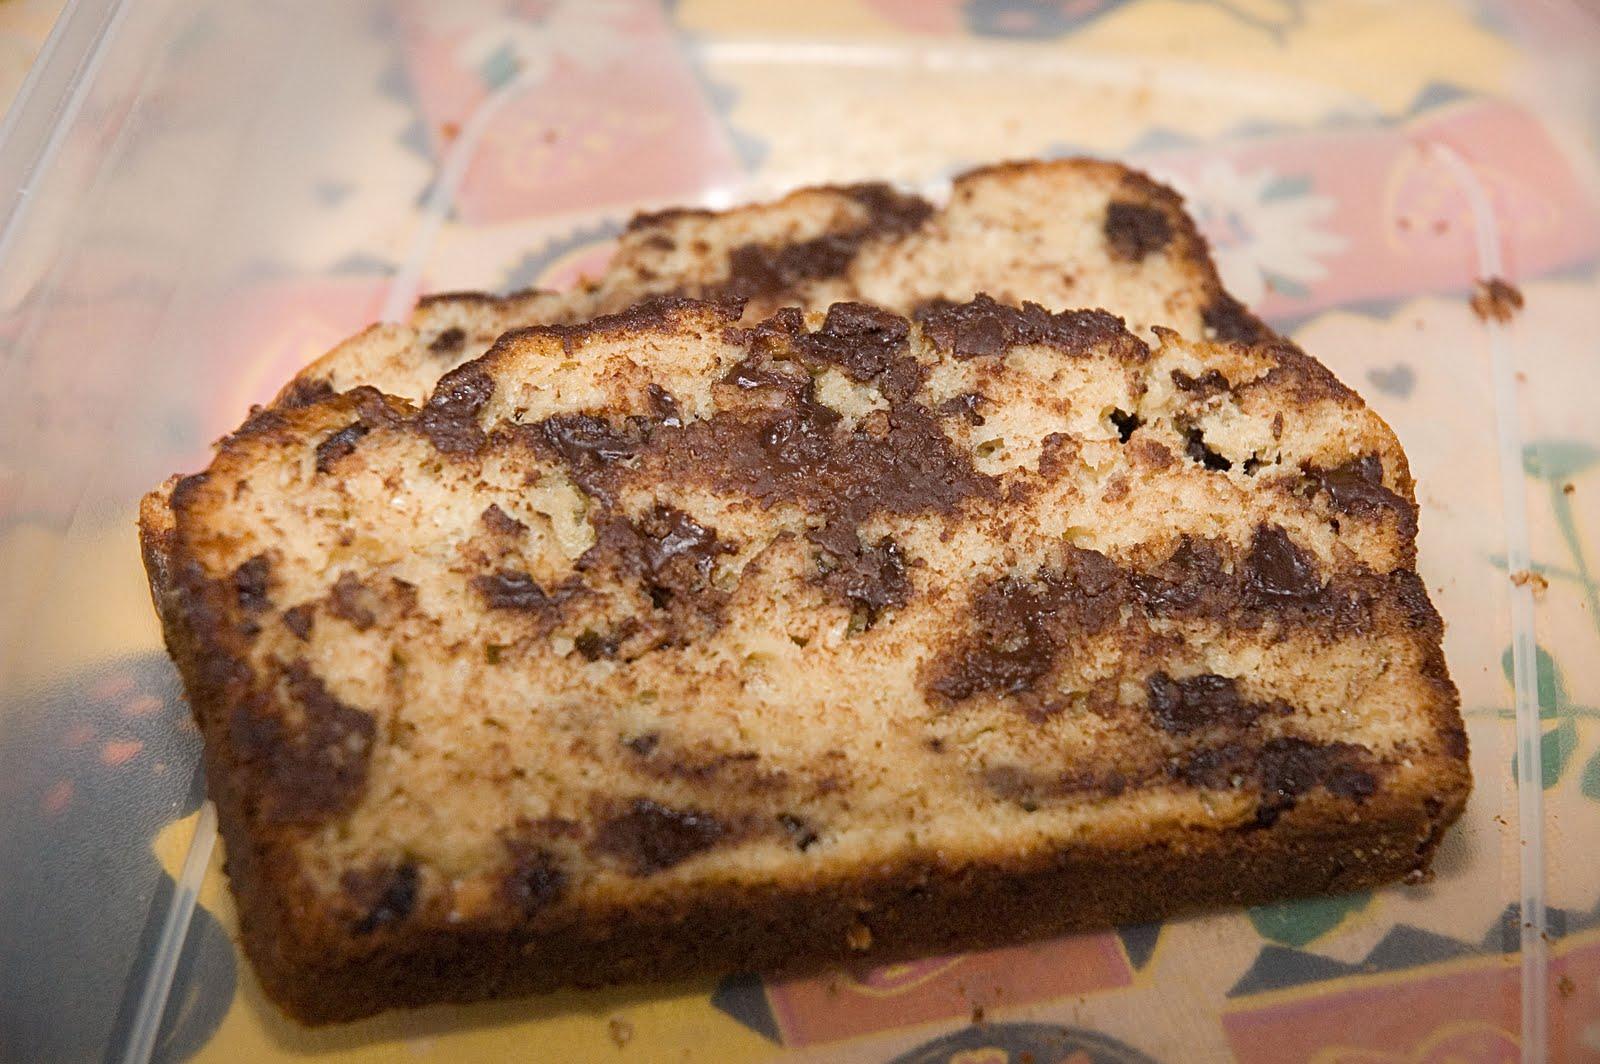 Recette pain banane et pepite de chocolat